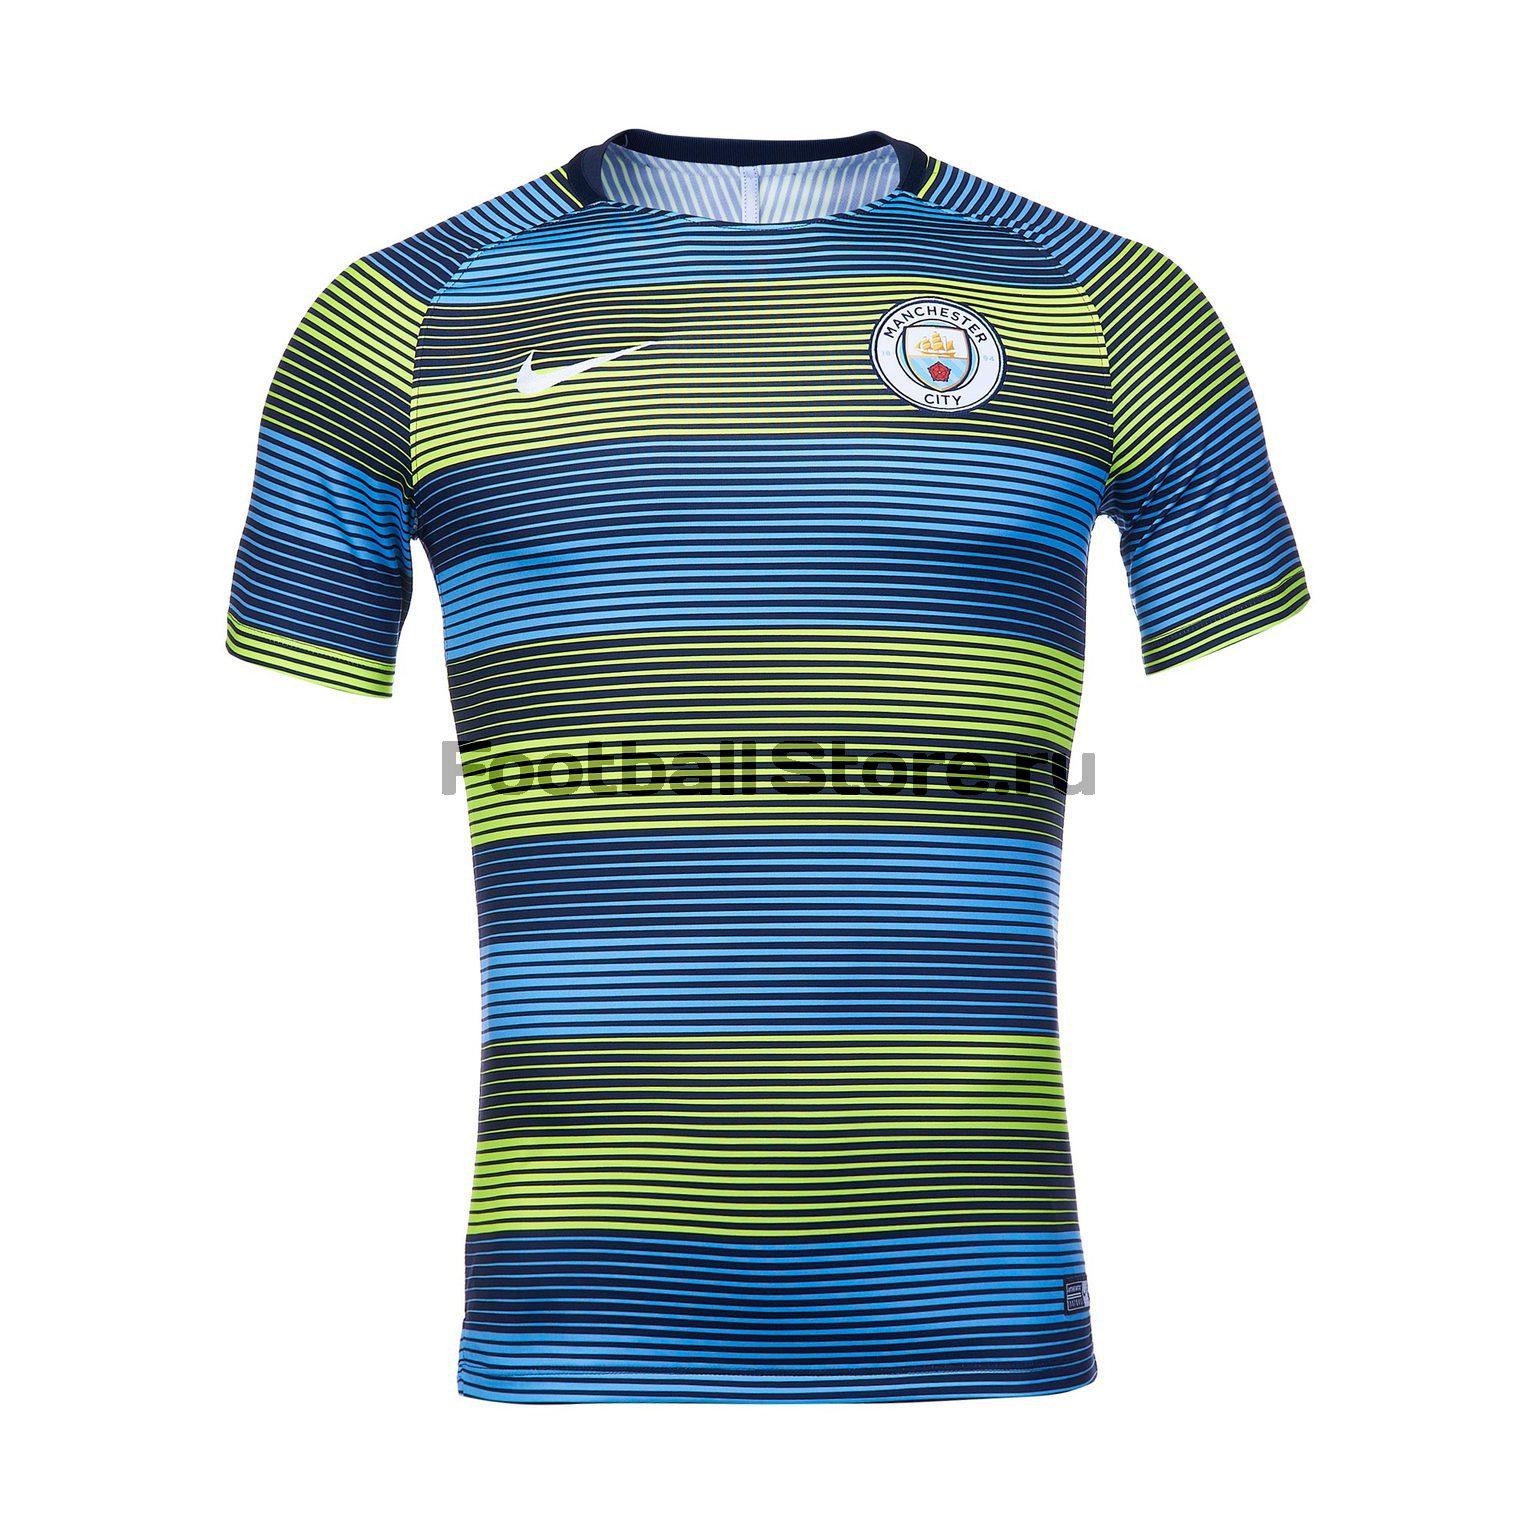 Футболка тренировочная Nike Manchester City 2018/19 футболка nike manchester city 898623 488